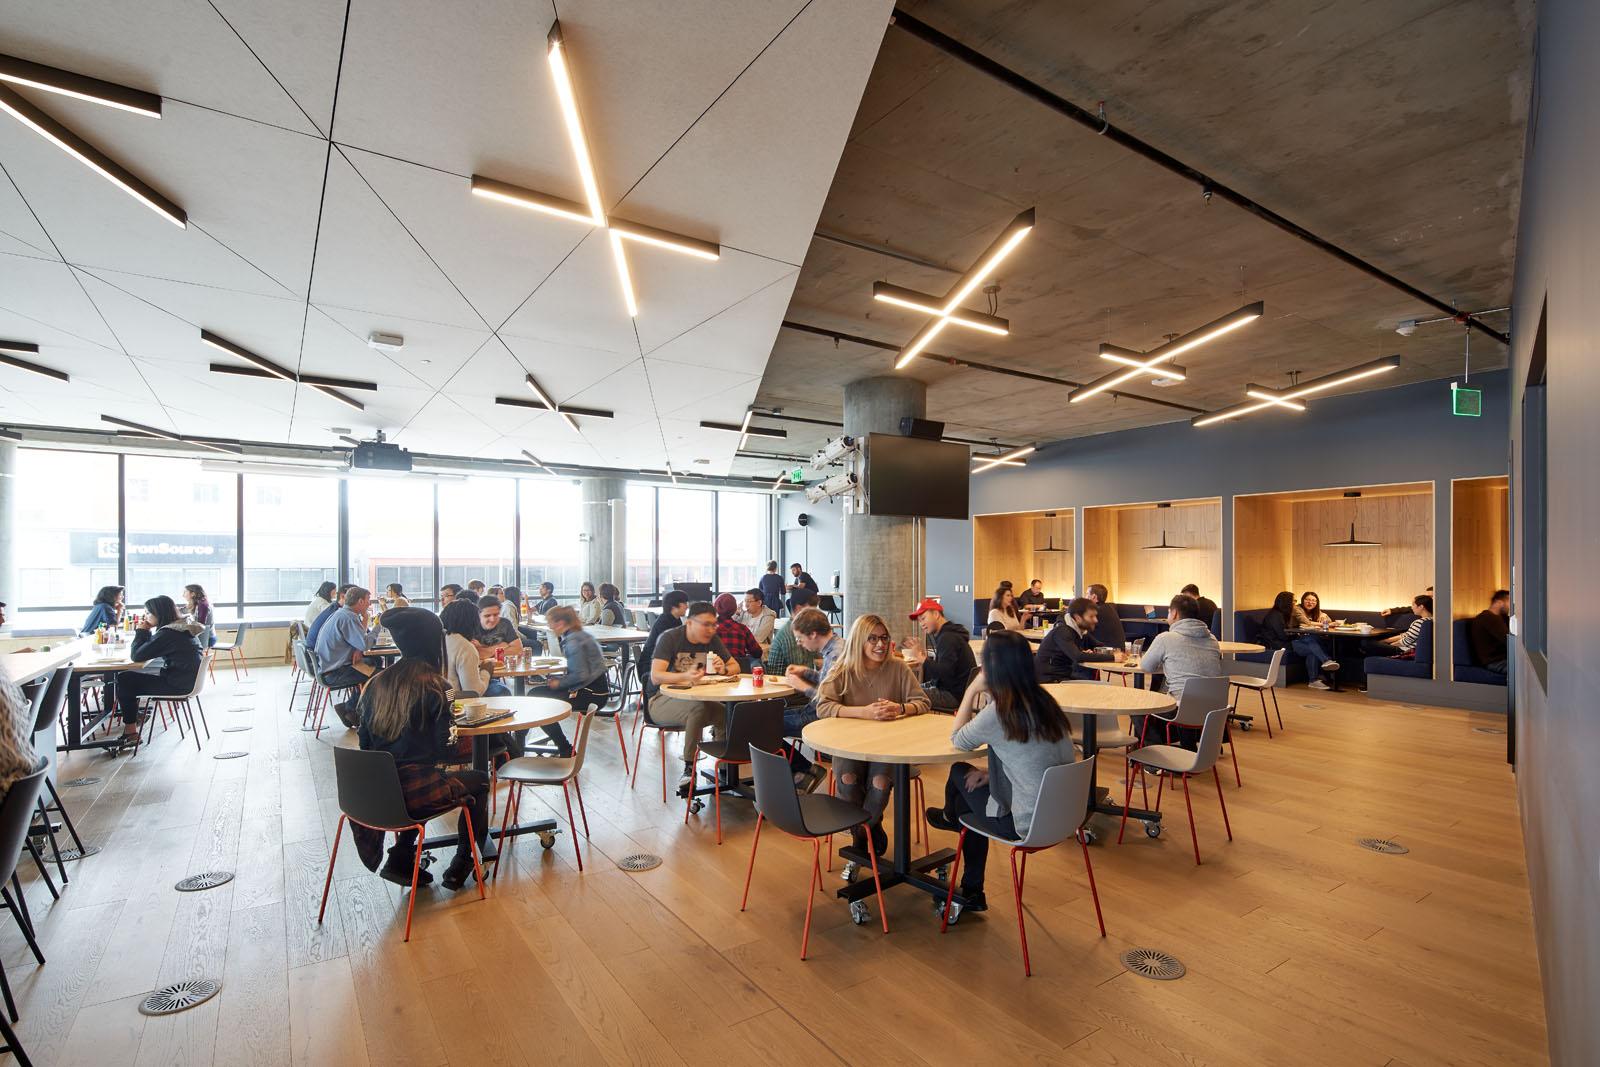 Pinterest Headquarters 2 Cafeteria